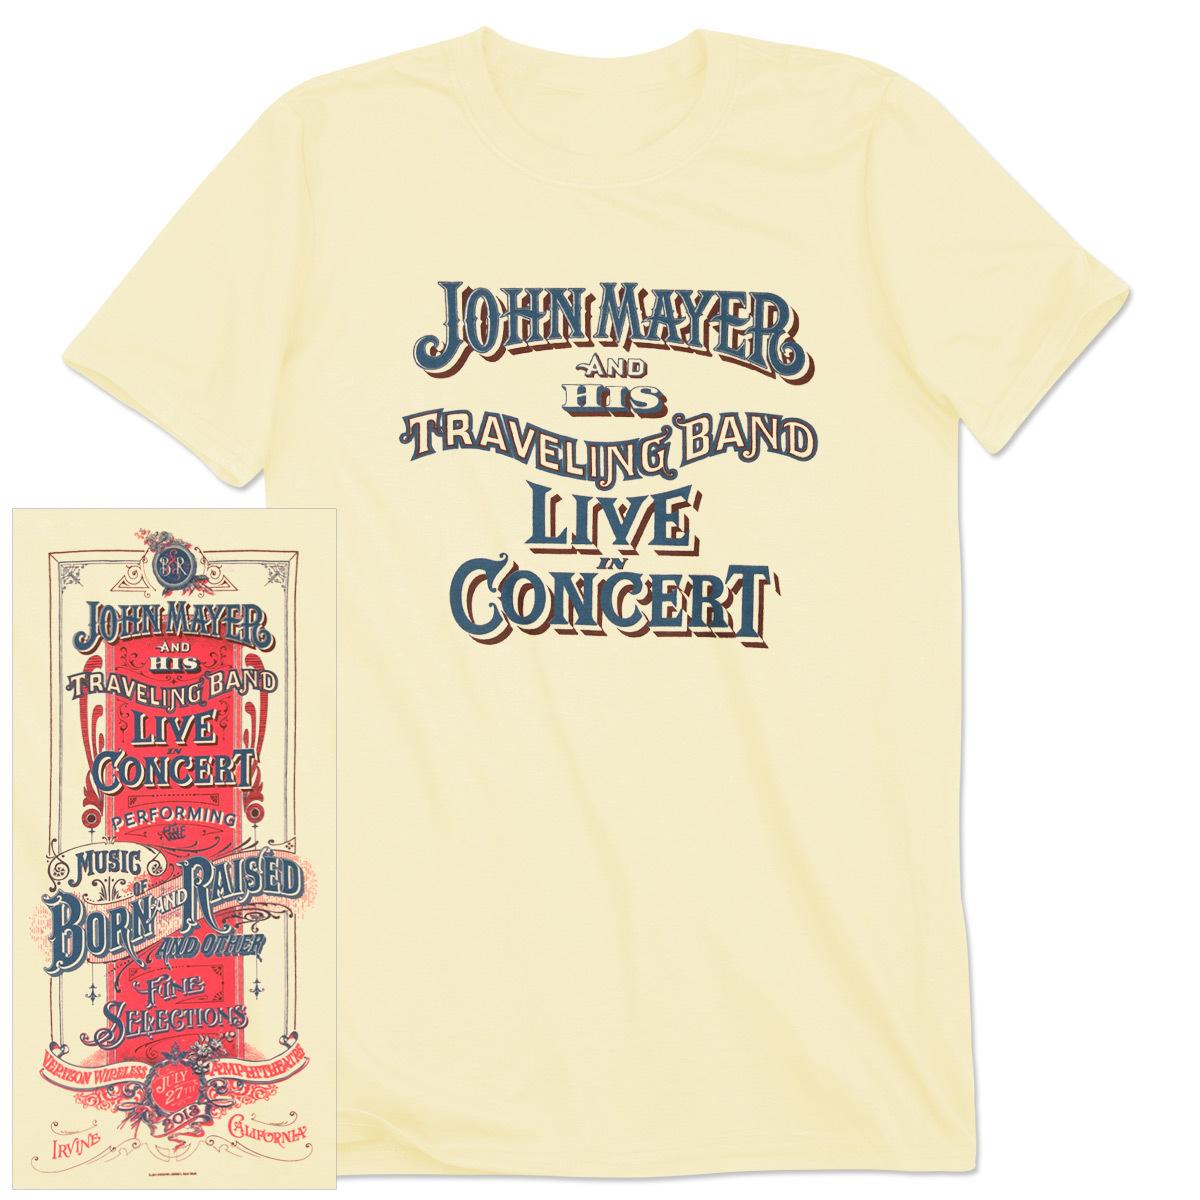 Irvine Event T-shirt